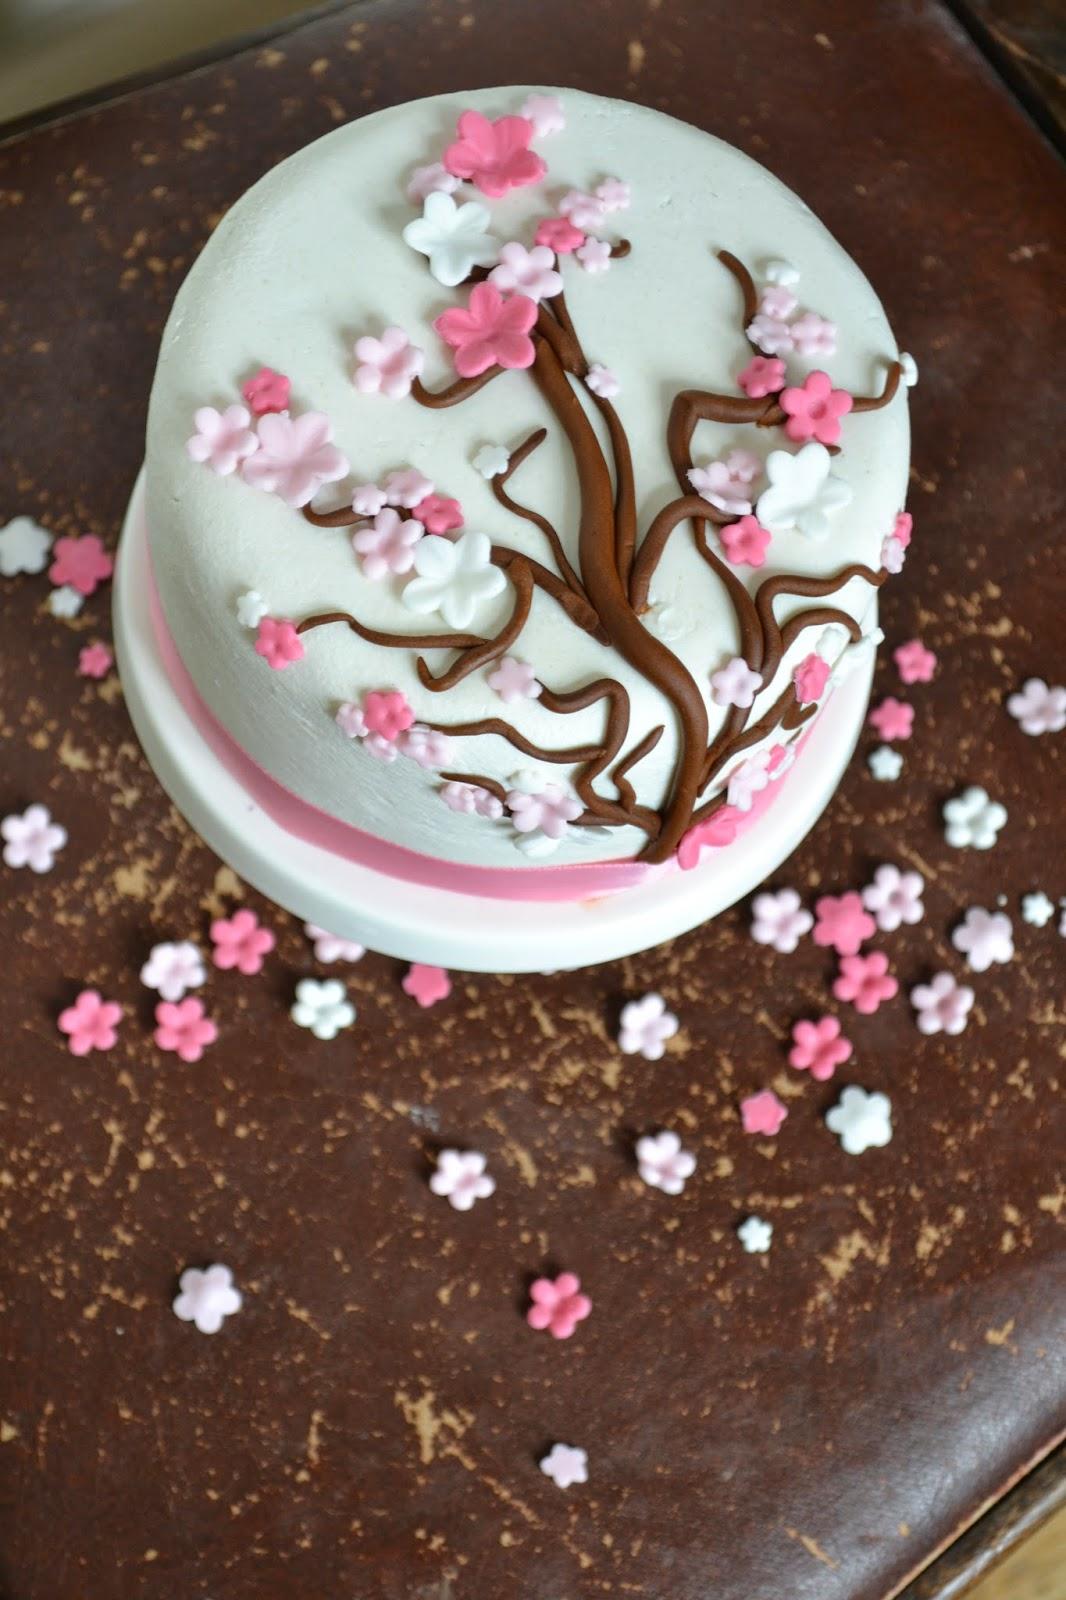 dekorera tårta med blommor